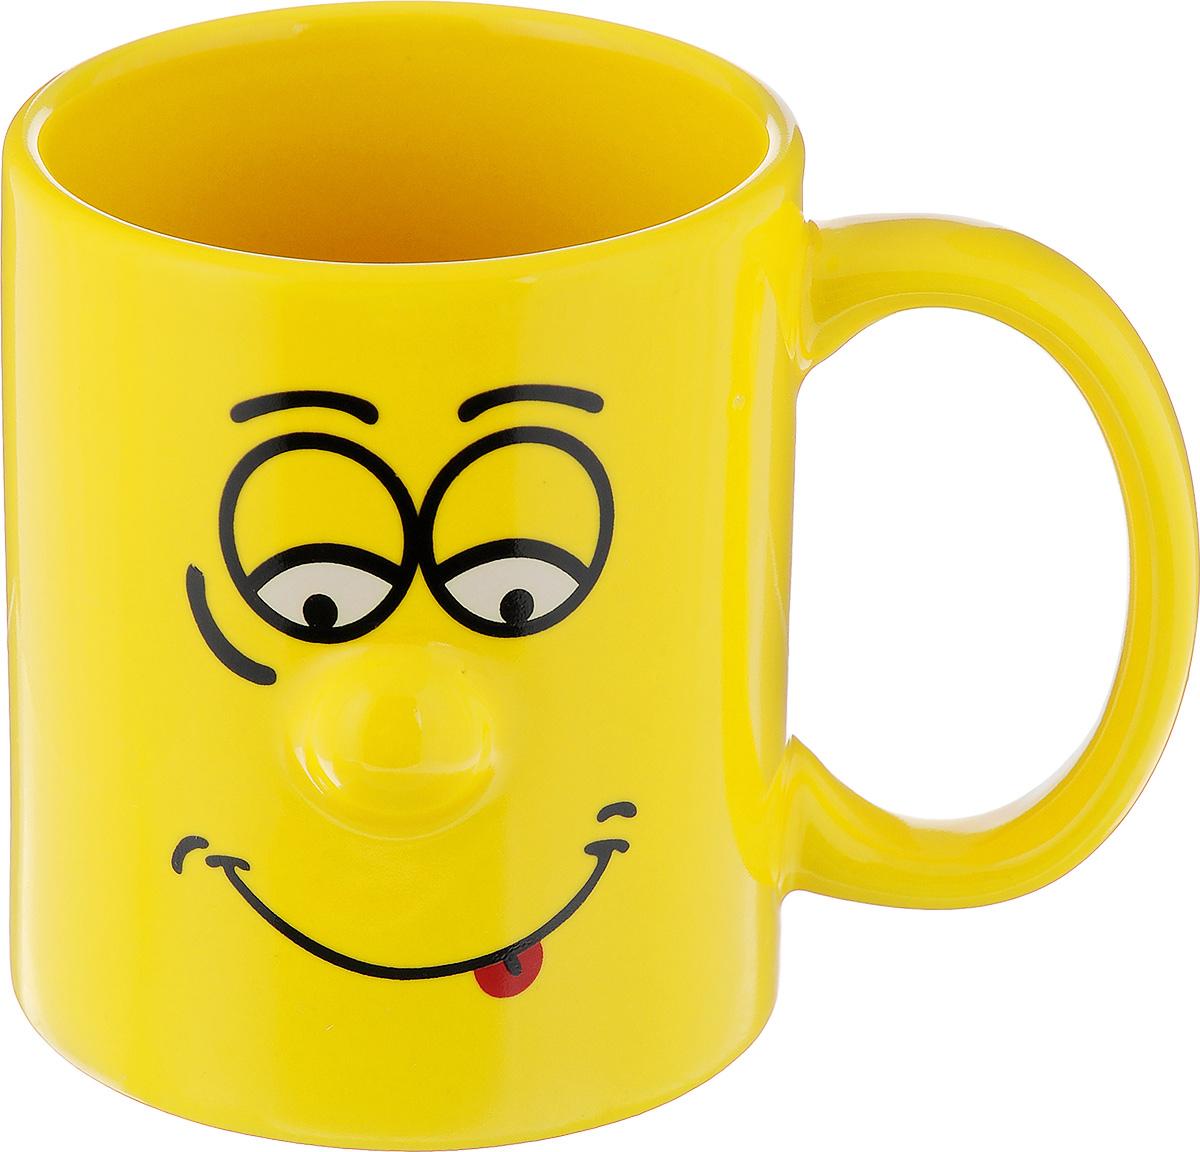 Кружка Walmer Smiley, цвет: желтый, 300 млW06222030Кружка Walmer Smiley выполнена из керамики и оформлена изображением забавного смайлика. Она станет отличным дополнением к сервировке семейного стола и замечательным подарком для ваших родных и друзей. Не рекомендуется применять абразивные моющие средства. Диаметр кружки по верхнему краю: 8 см. Высота кружки: 9,5 см.